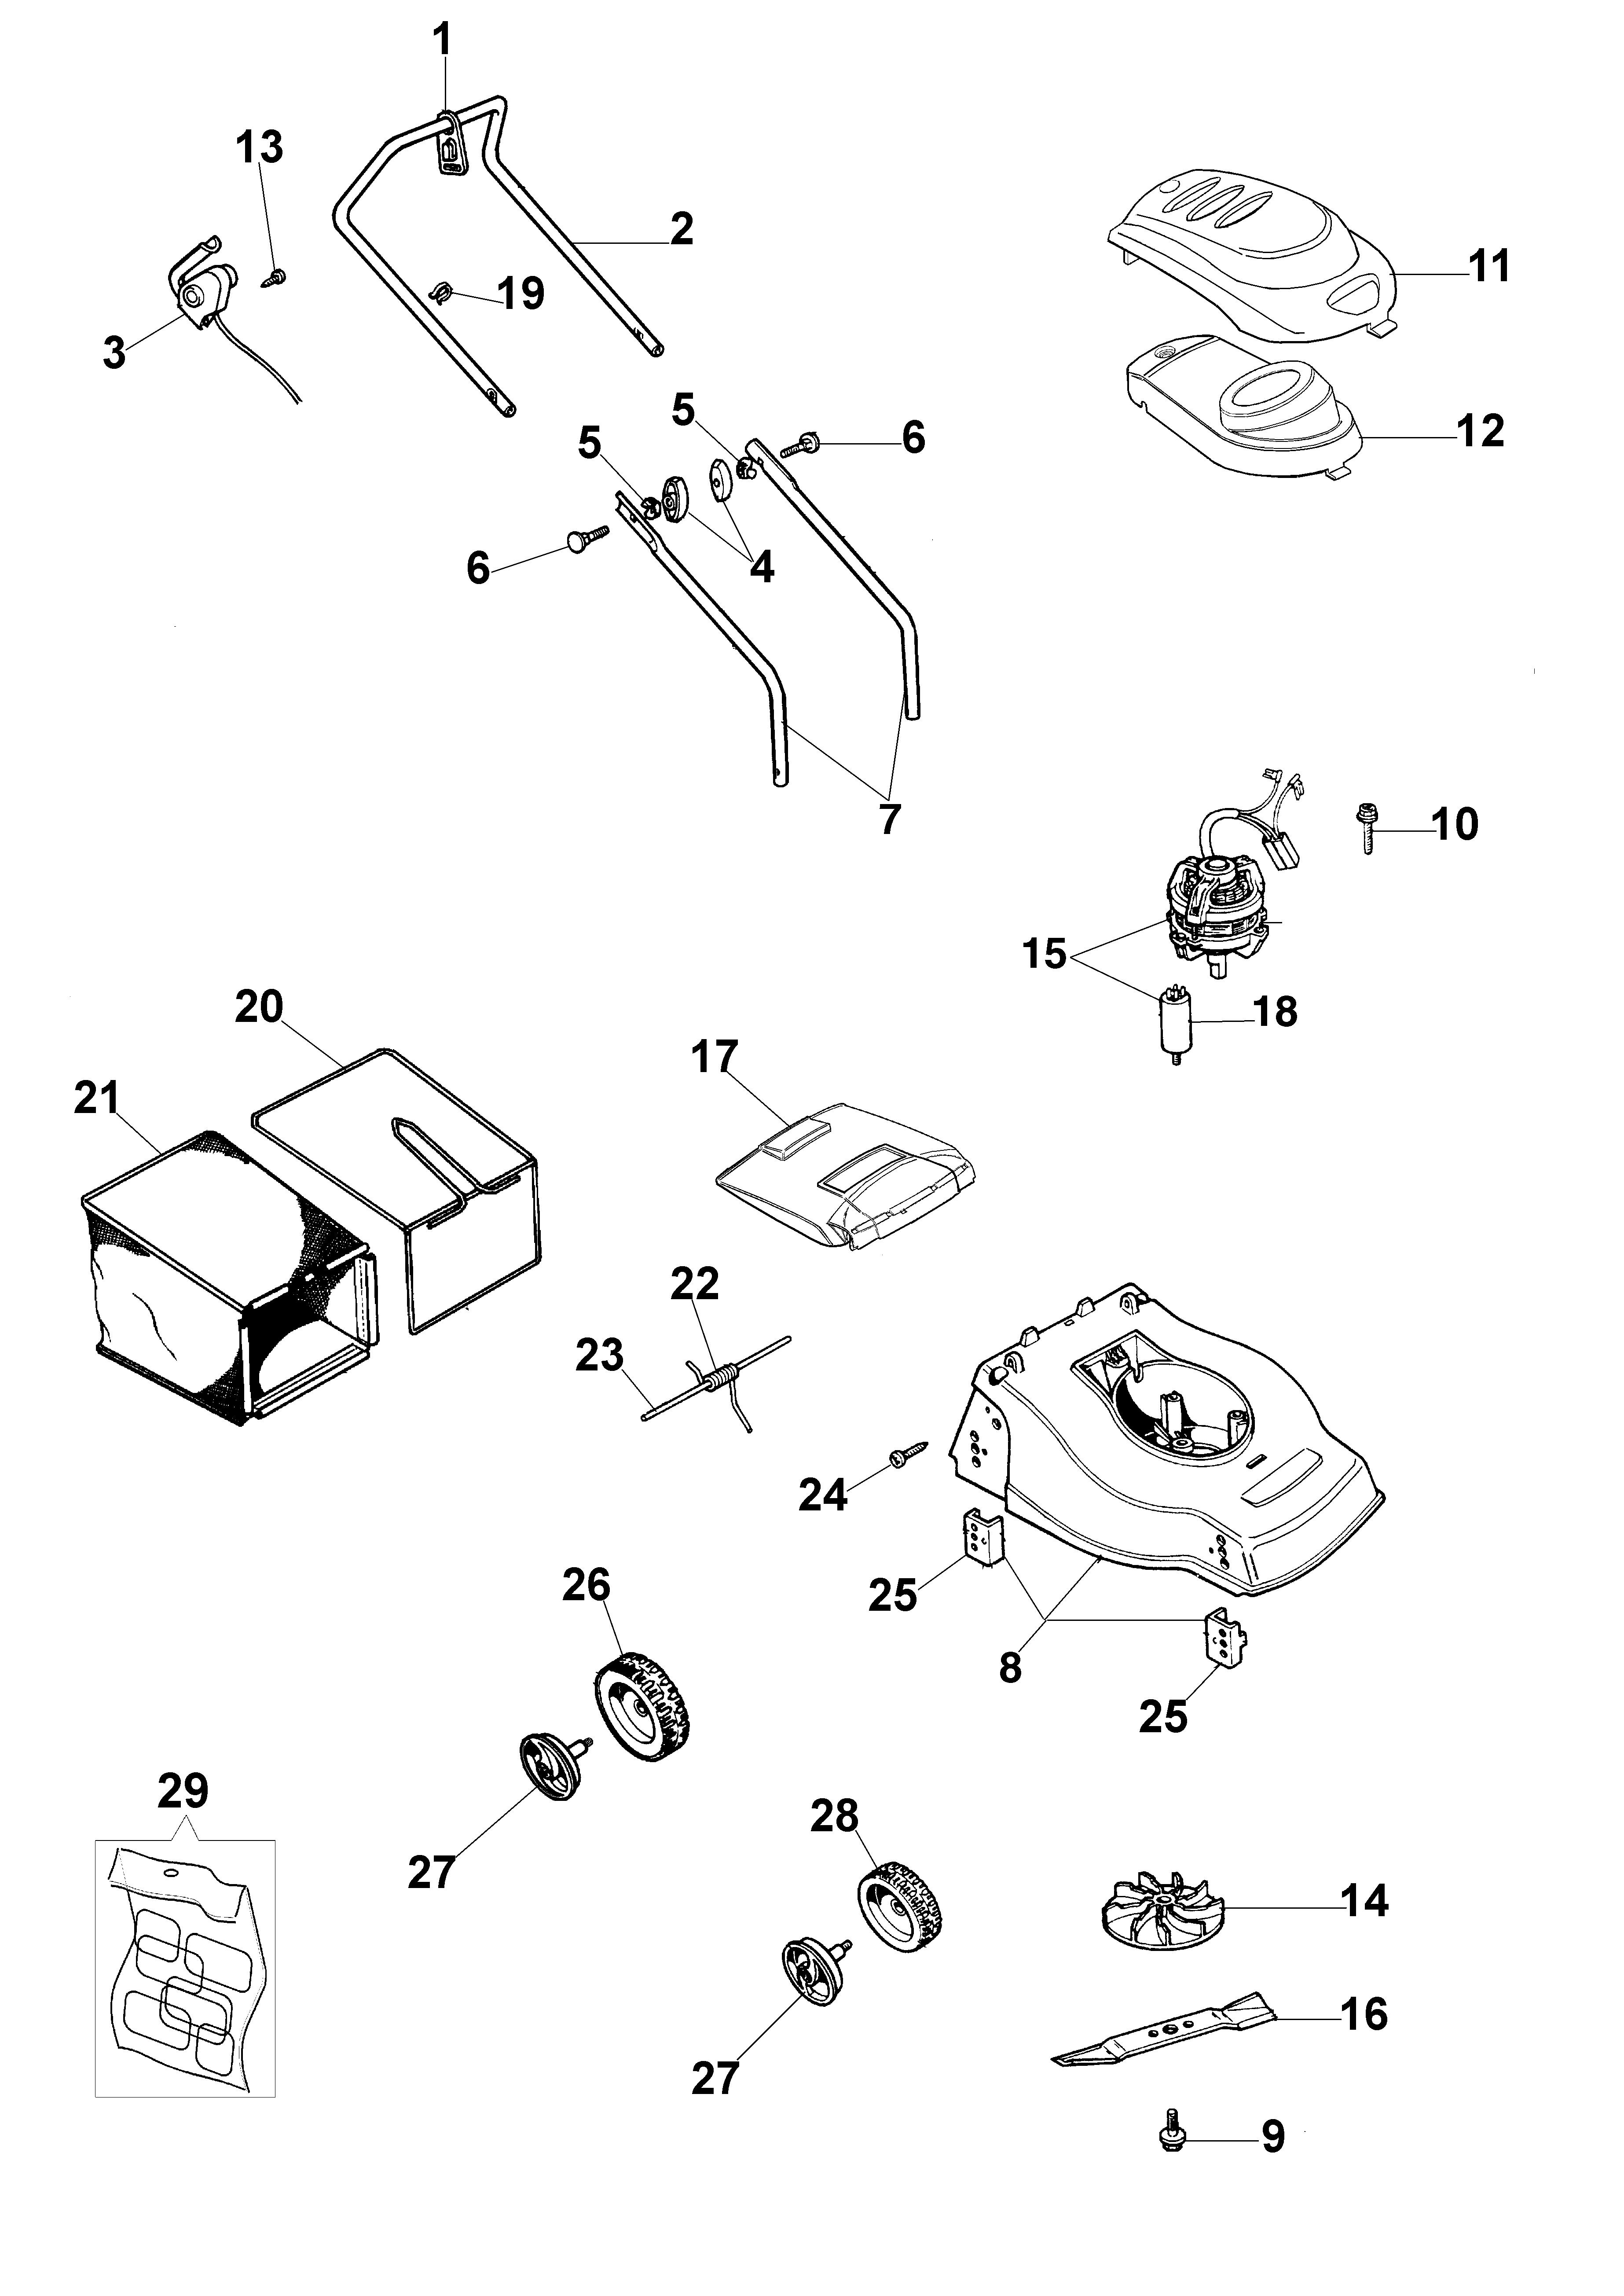 K 40 P Tondeuse électrique oleomac vue éclatée Dessins pièces -  Vue éclatée complète